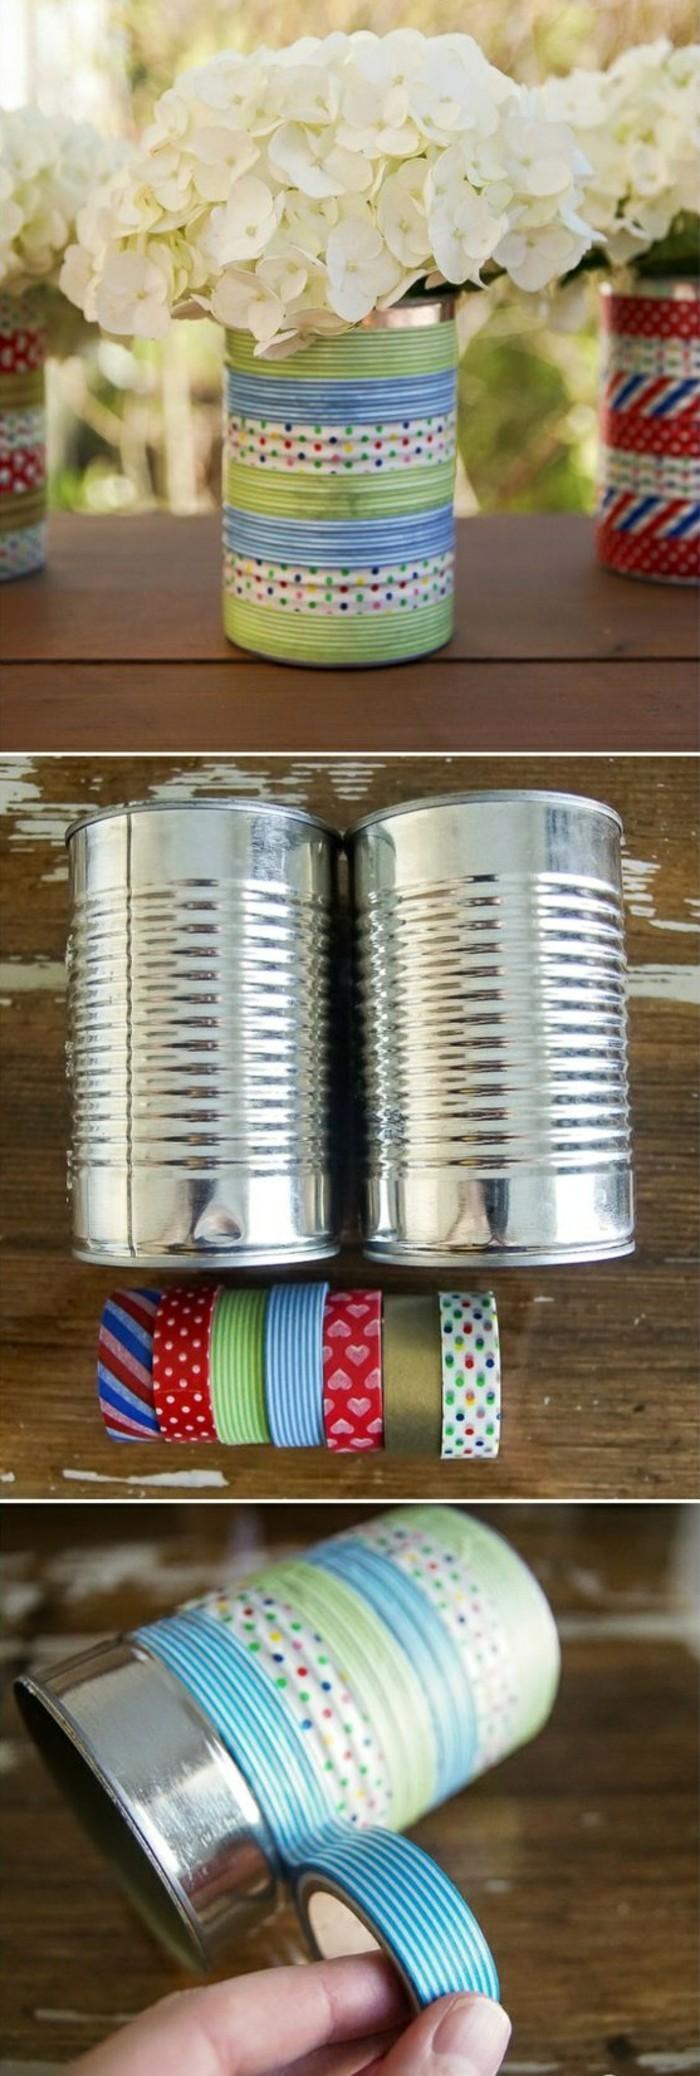 reciclar latas y decorarlas con washi tape, ingeniosas propuestas sobre cómo puedes decorar la casa con latas